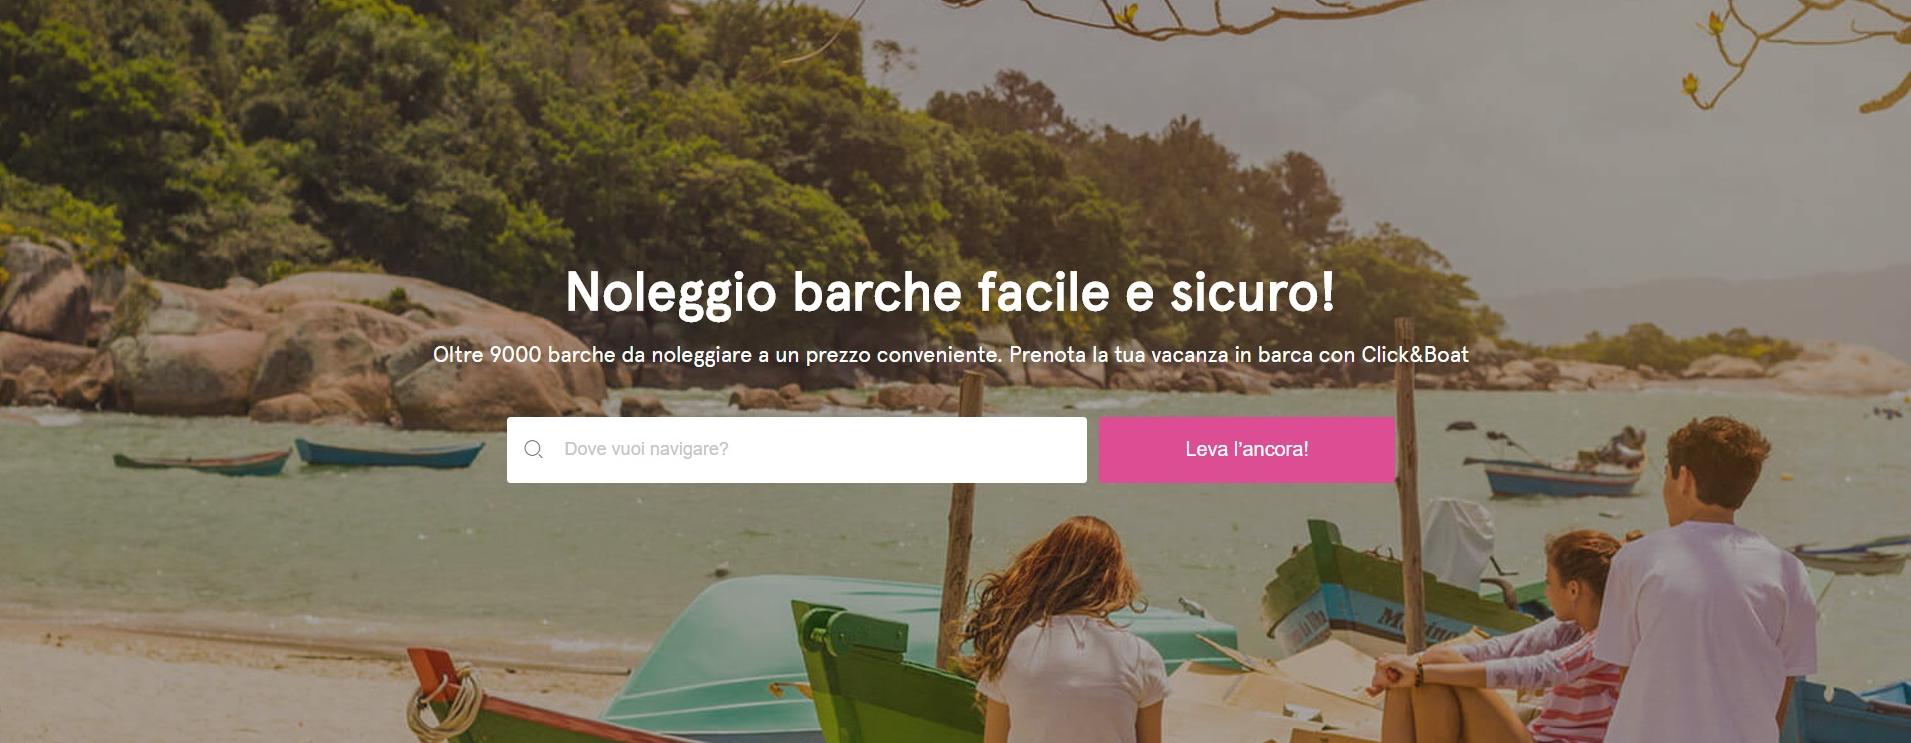 Click&Boat sbarca finalmente in Italia